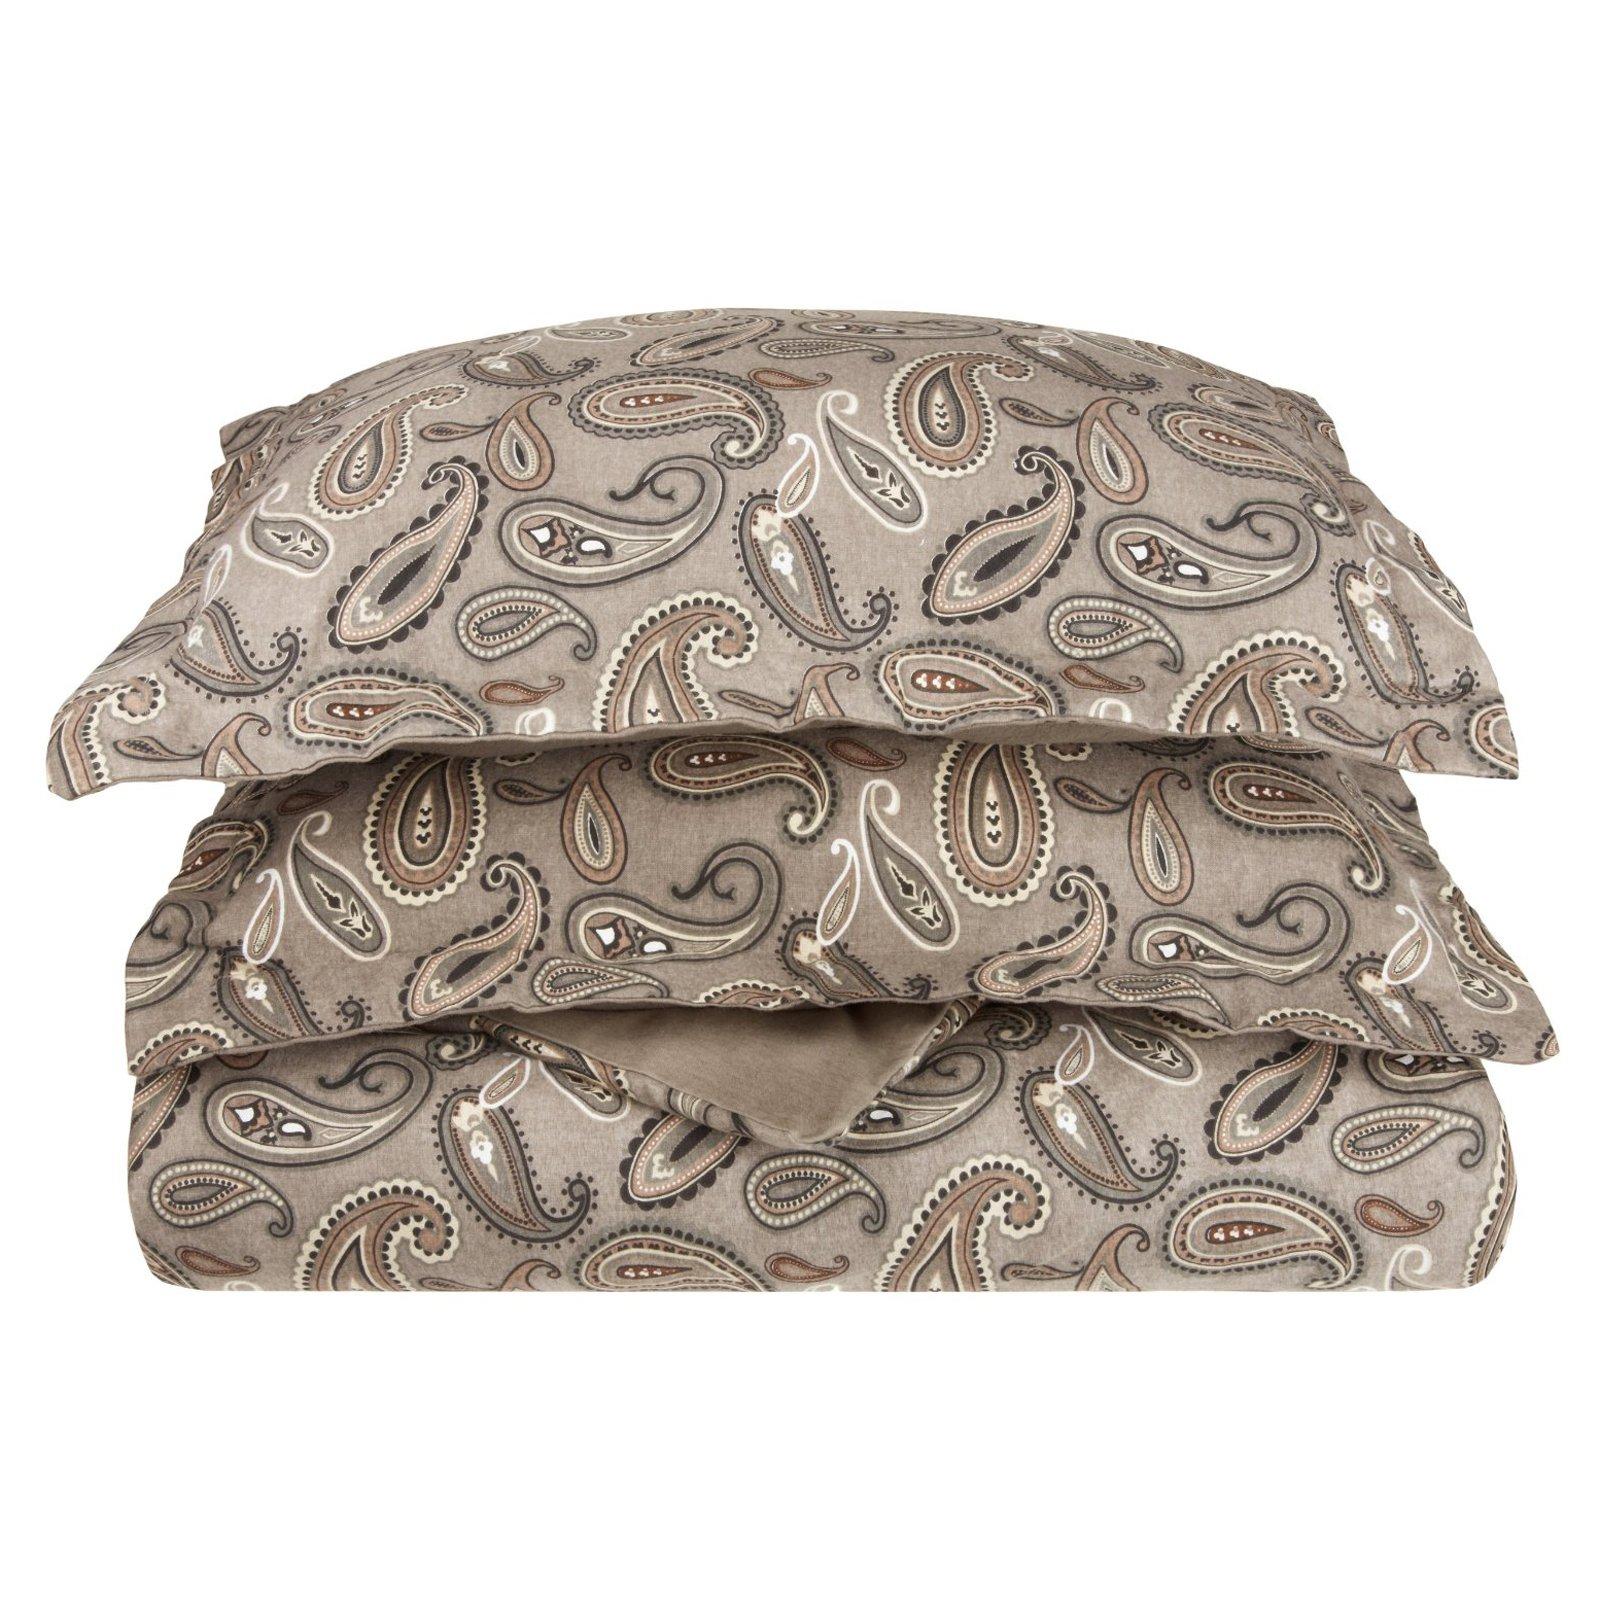 Superior Flannel Quality Cotton Paisley Duvet Cover Set